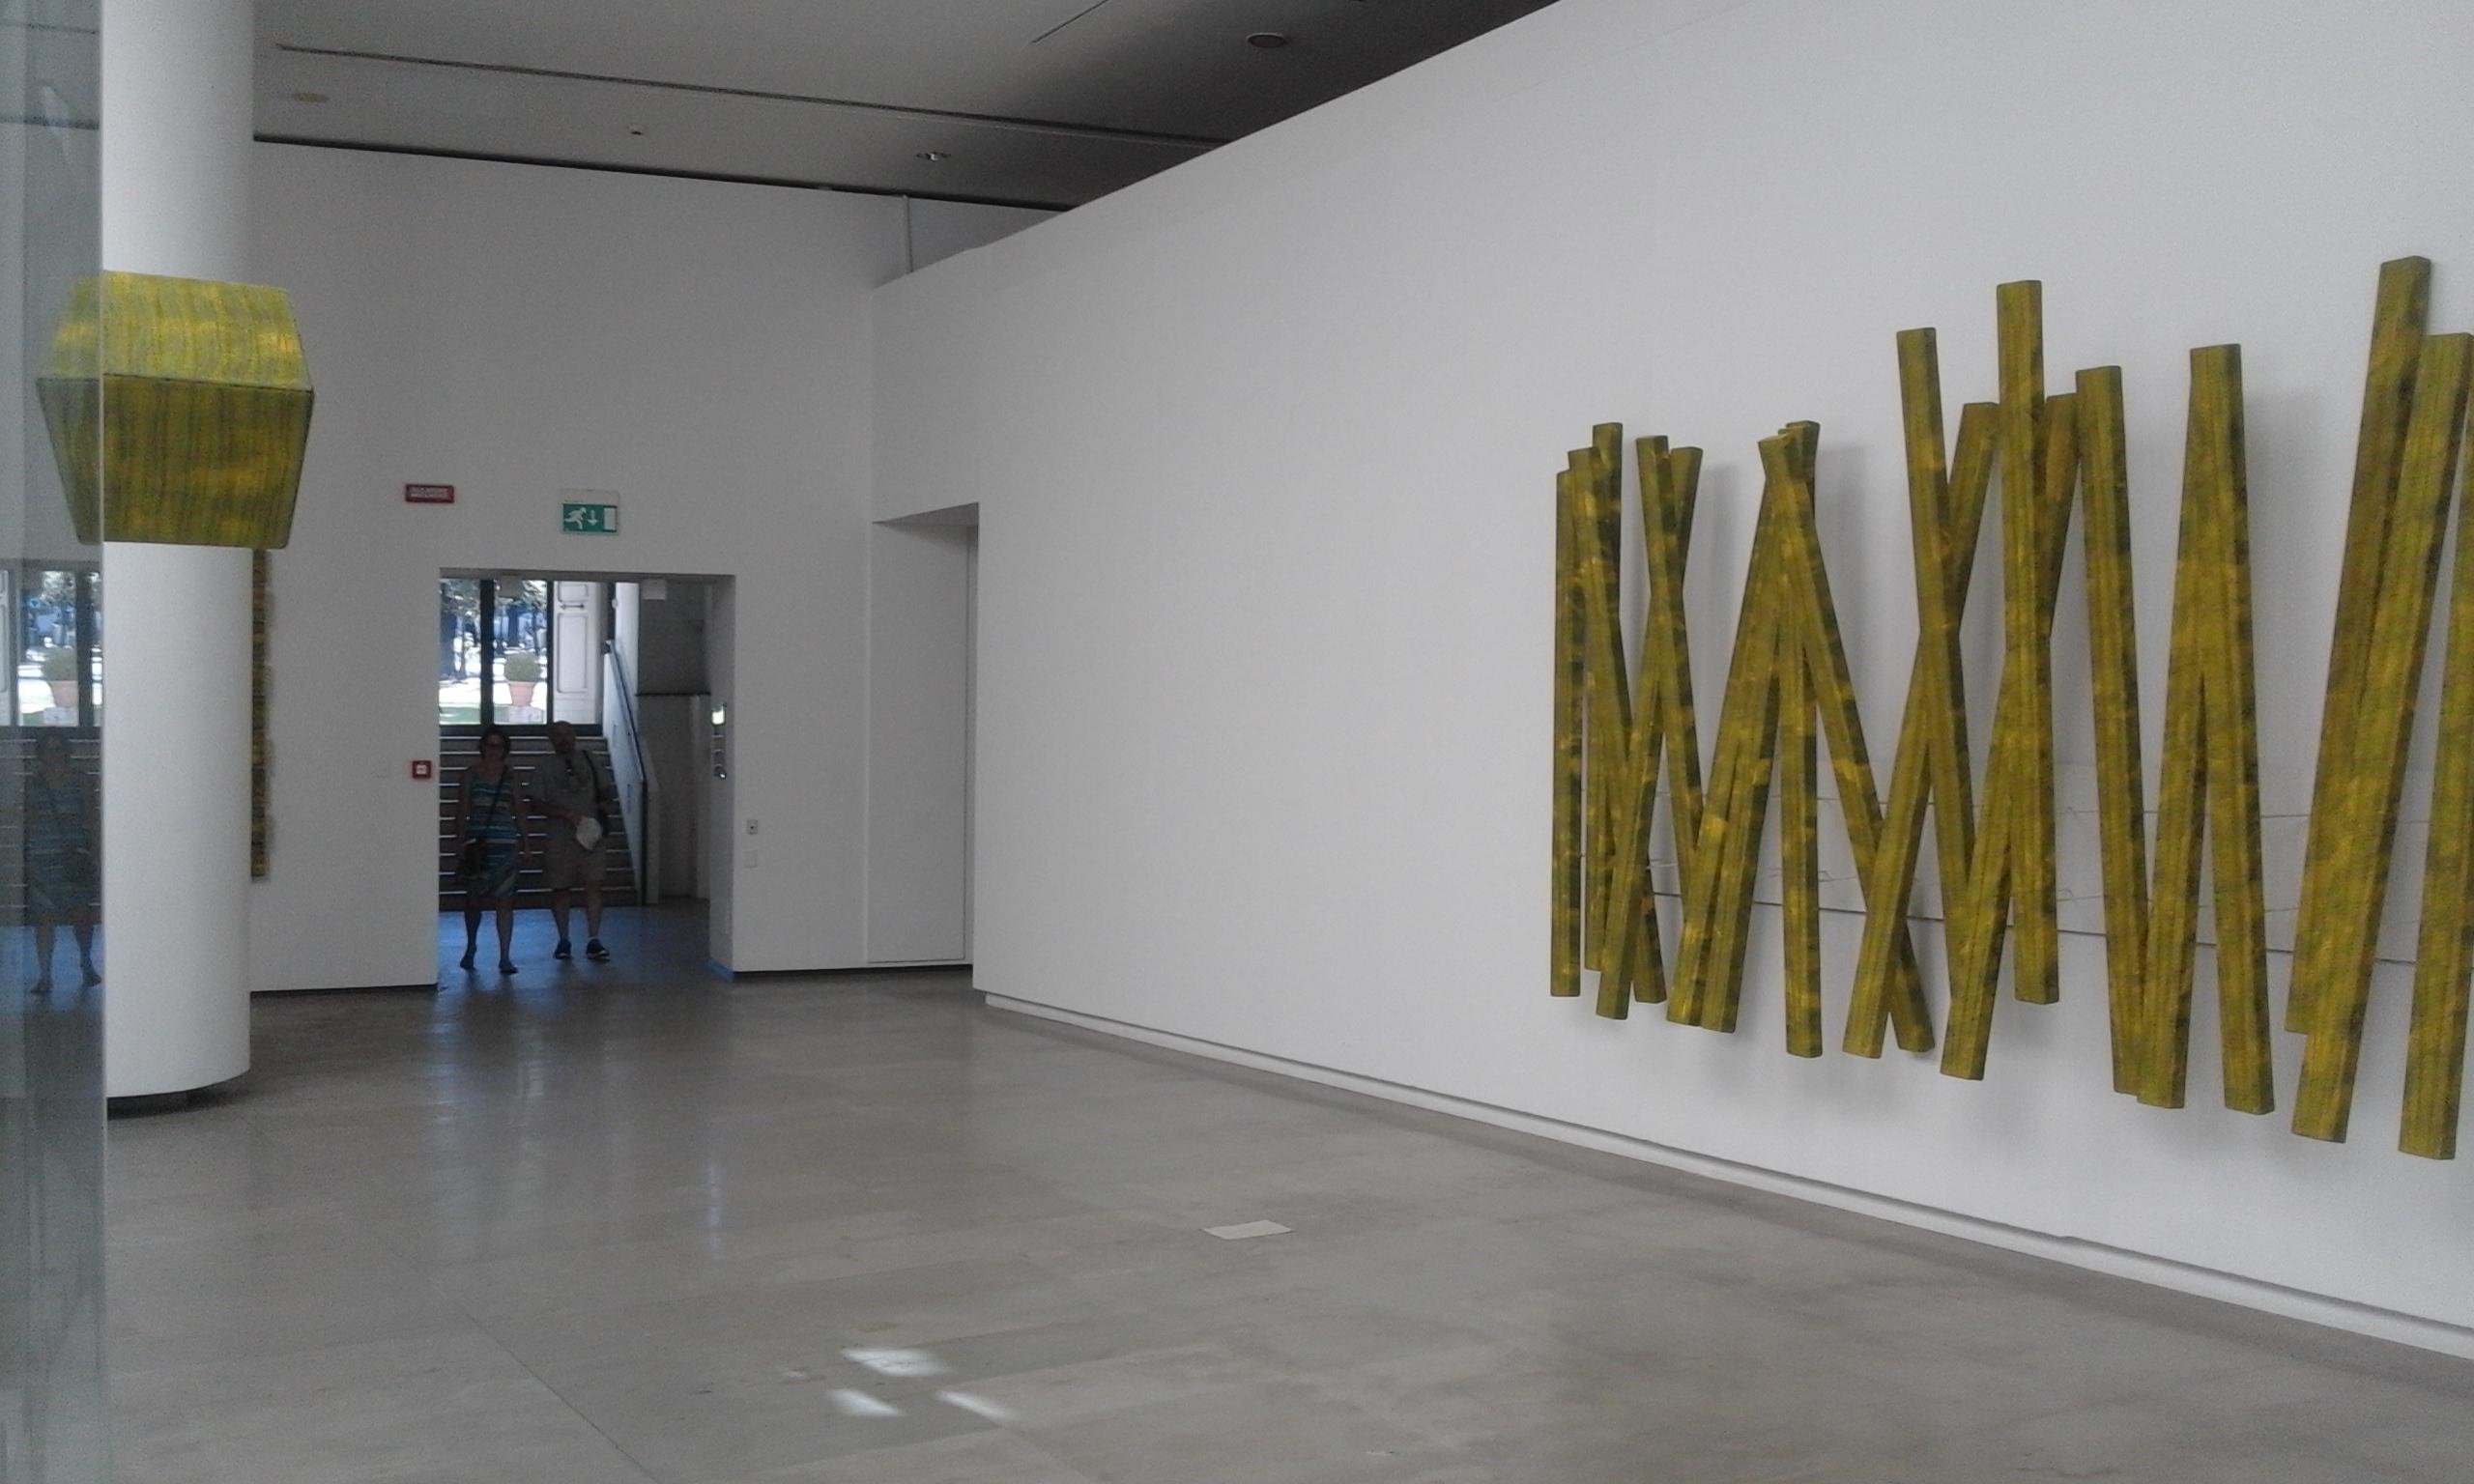 Visite guidée du musée Carlo Bilotti à Rome